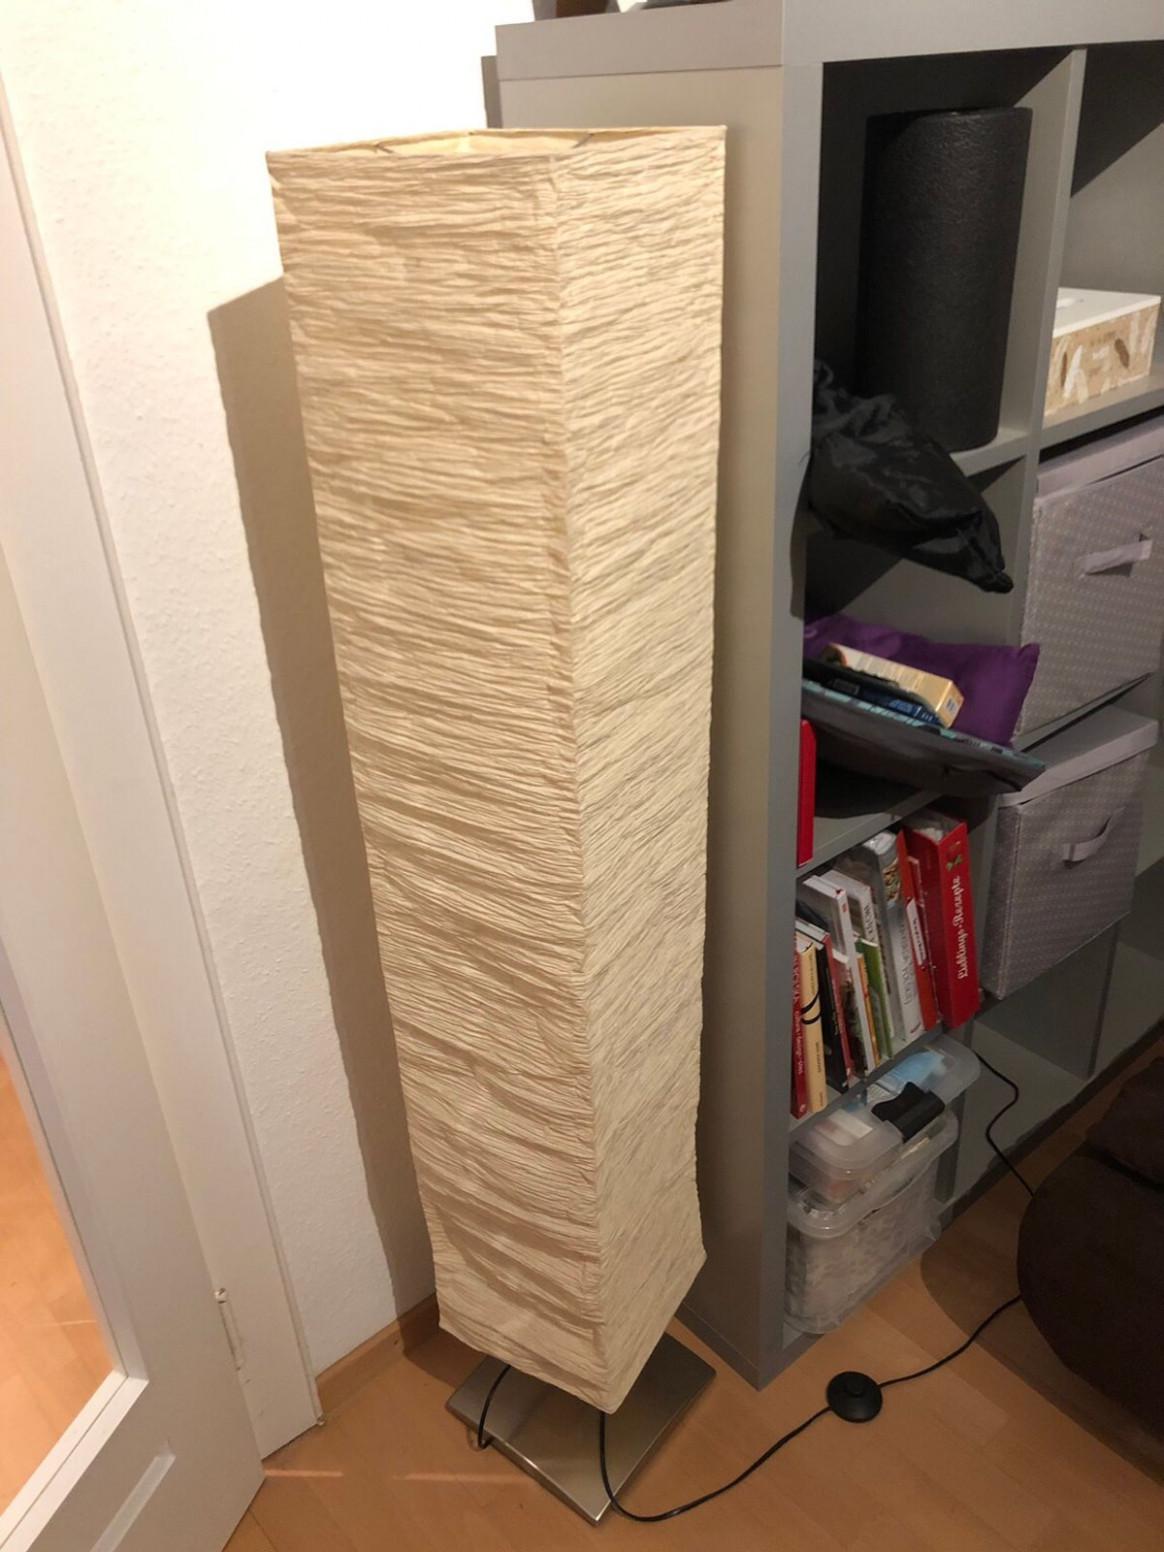 Full Size of Ikea Stehlampen Dimmbar Stehlampe Dimmen Schirm Deckenfluter Papier Ersatzschirm Wohnzimmer Hektar Ohne Lampenschirm Stehlampenschirm Not Stehleuchte Kaputt Wohnzimmer Ikea Stehlampe